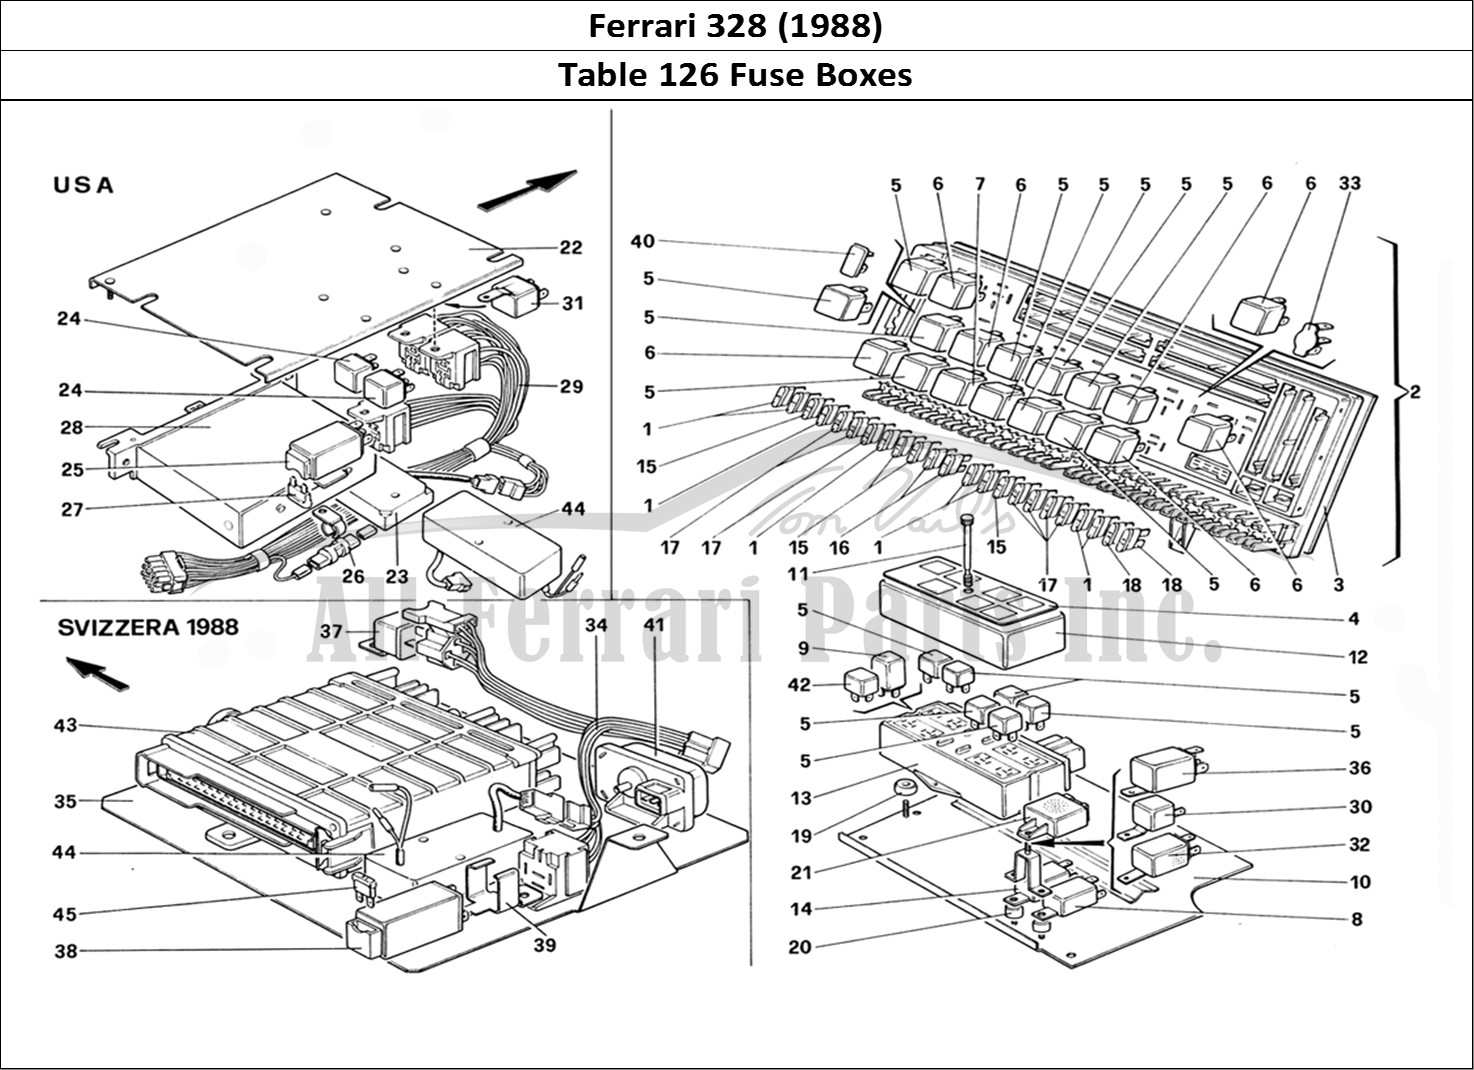 Buy Original Ferrari 328  1988  126 Fuse Boxes Ferrari Parts  Spares  Accessories Online